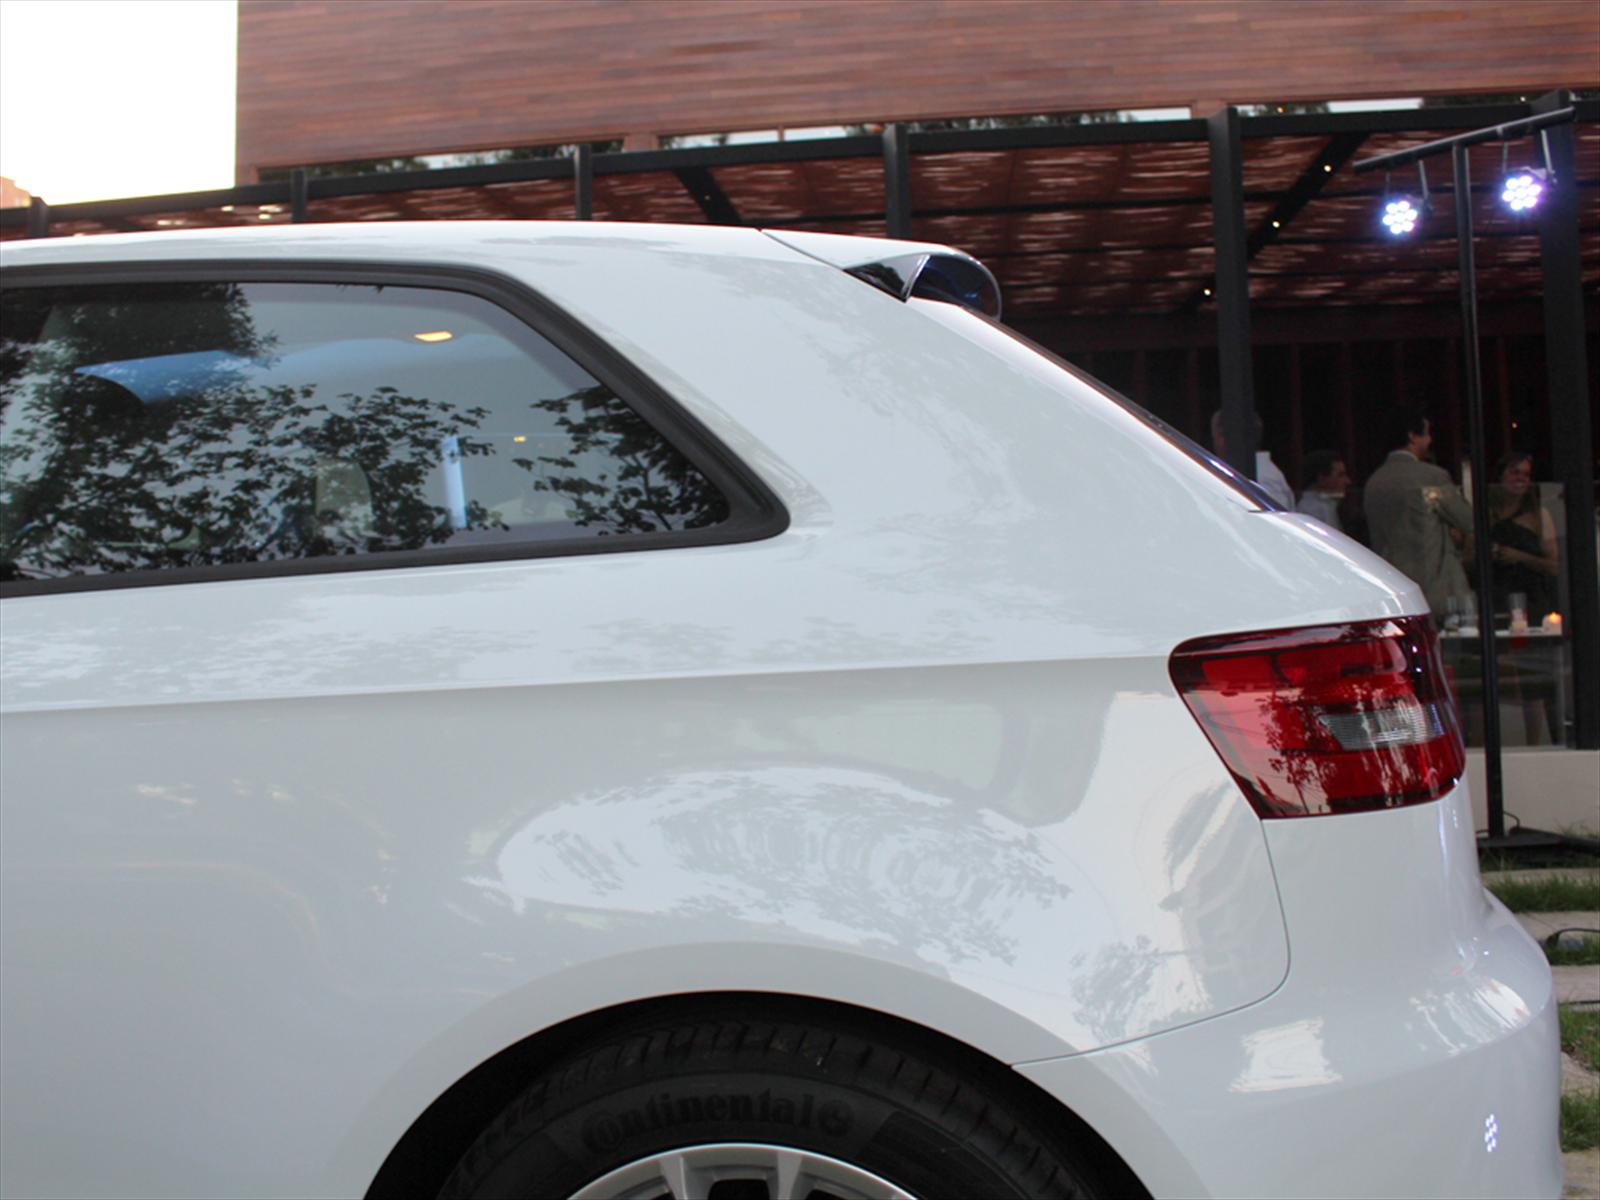 Audi A3 2013 inicia venta en Chile - Autocosmos.com